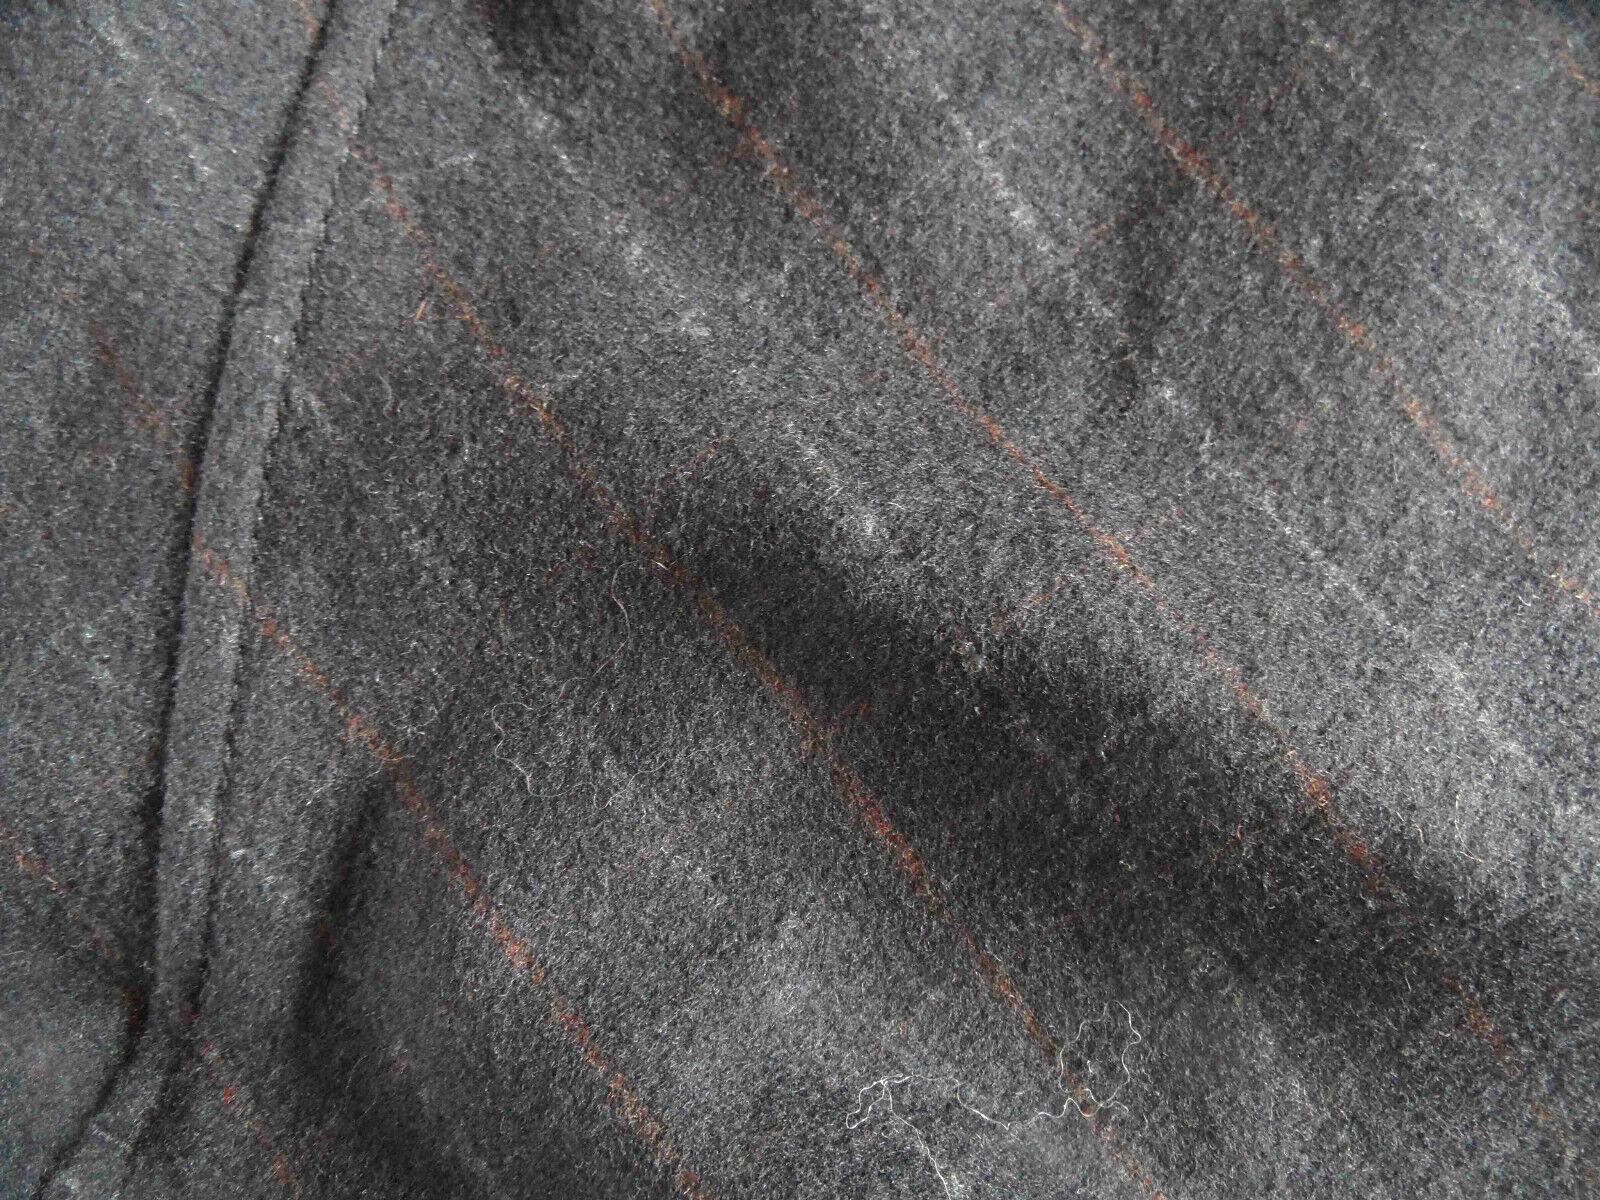 ESPRIT schmales Wollkleid Etuikleid Gr. 34  08-14 | Berühmter Berühmter Berühmter Laden  | Angemessene Lieferung und pünktliche Lieferung  | Attraktiv Und Langlebig  c7d547